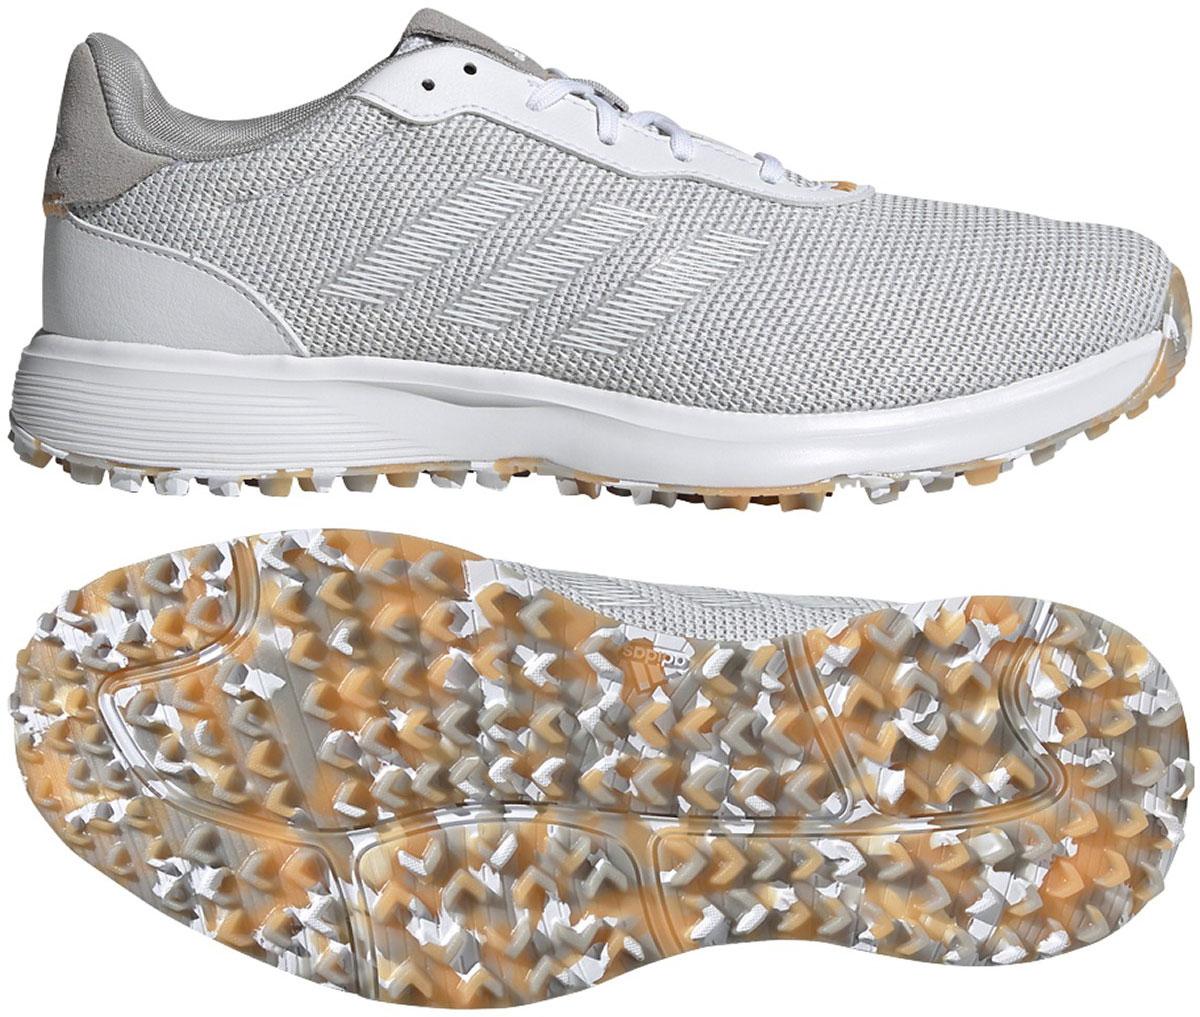 Now @ Golf Locker: Adidas S2G Spikeless Golf Shoes